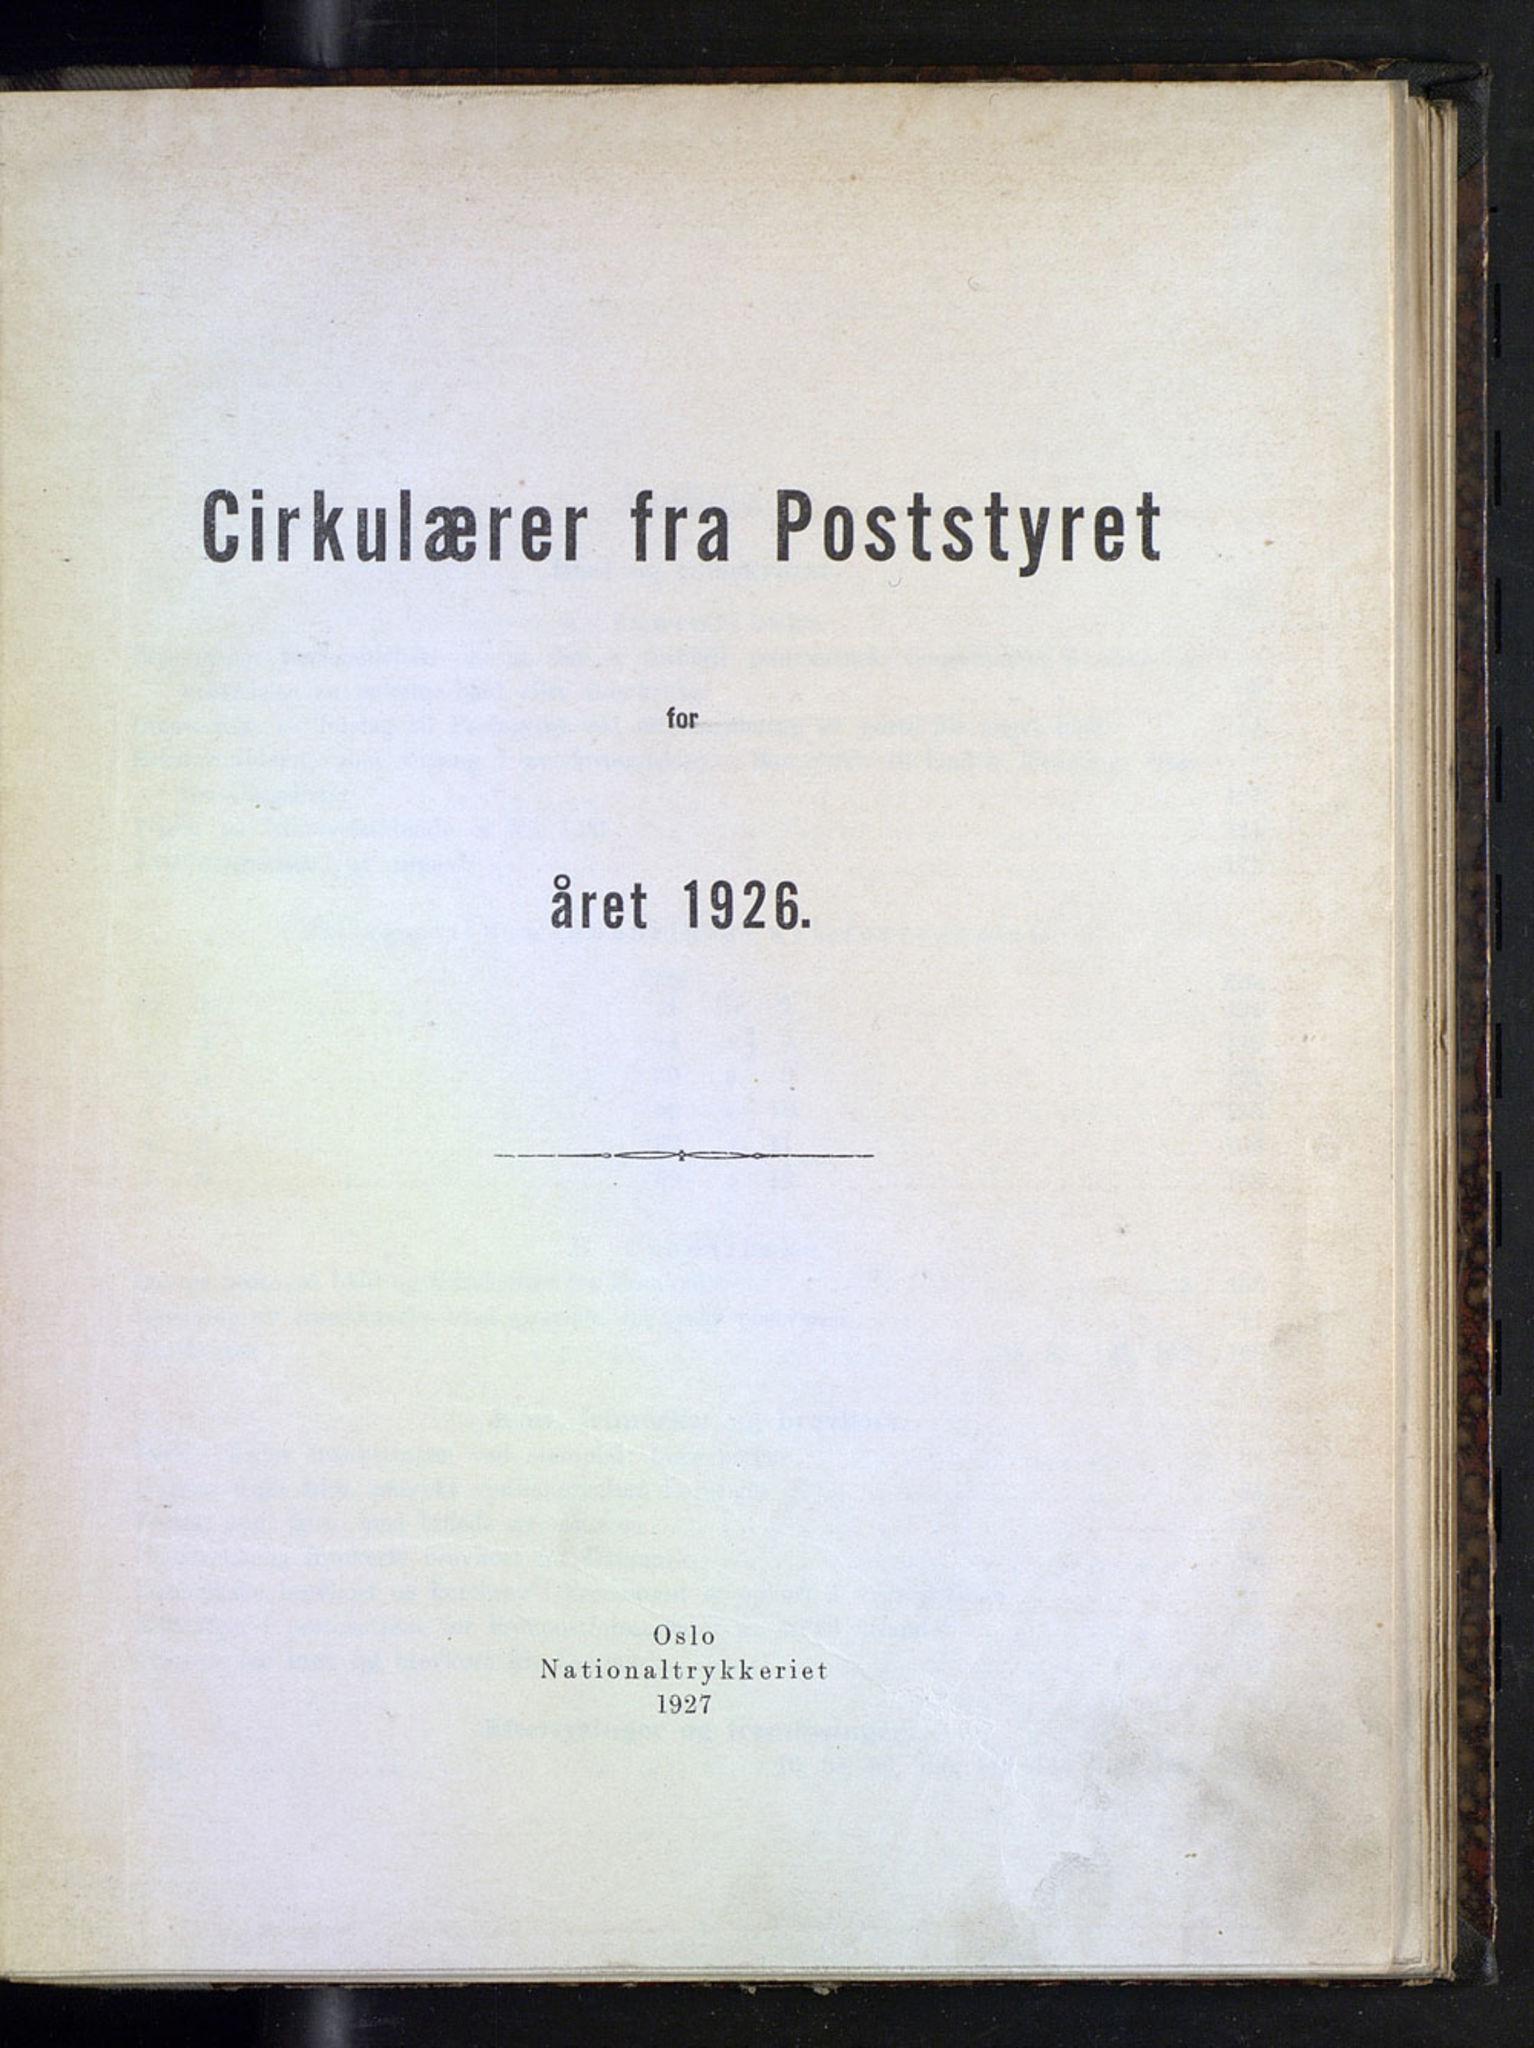 NOPO, Norges Postmuseums bibliotek, -/-: Sirkulærer fra Poststyret, 1926